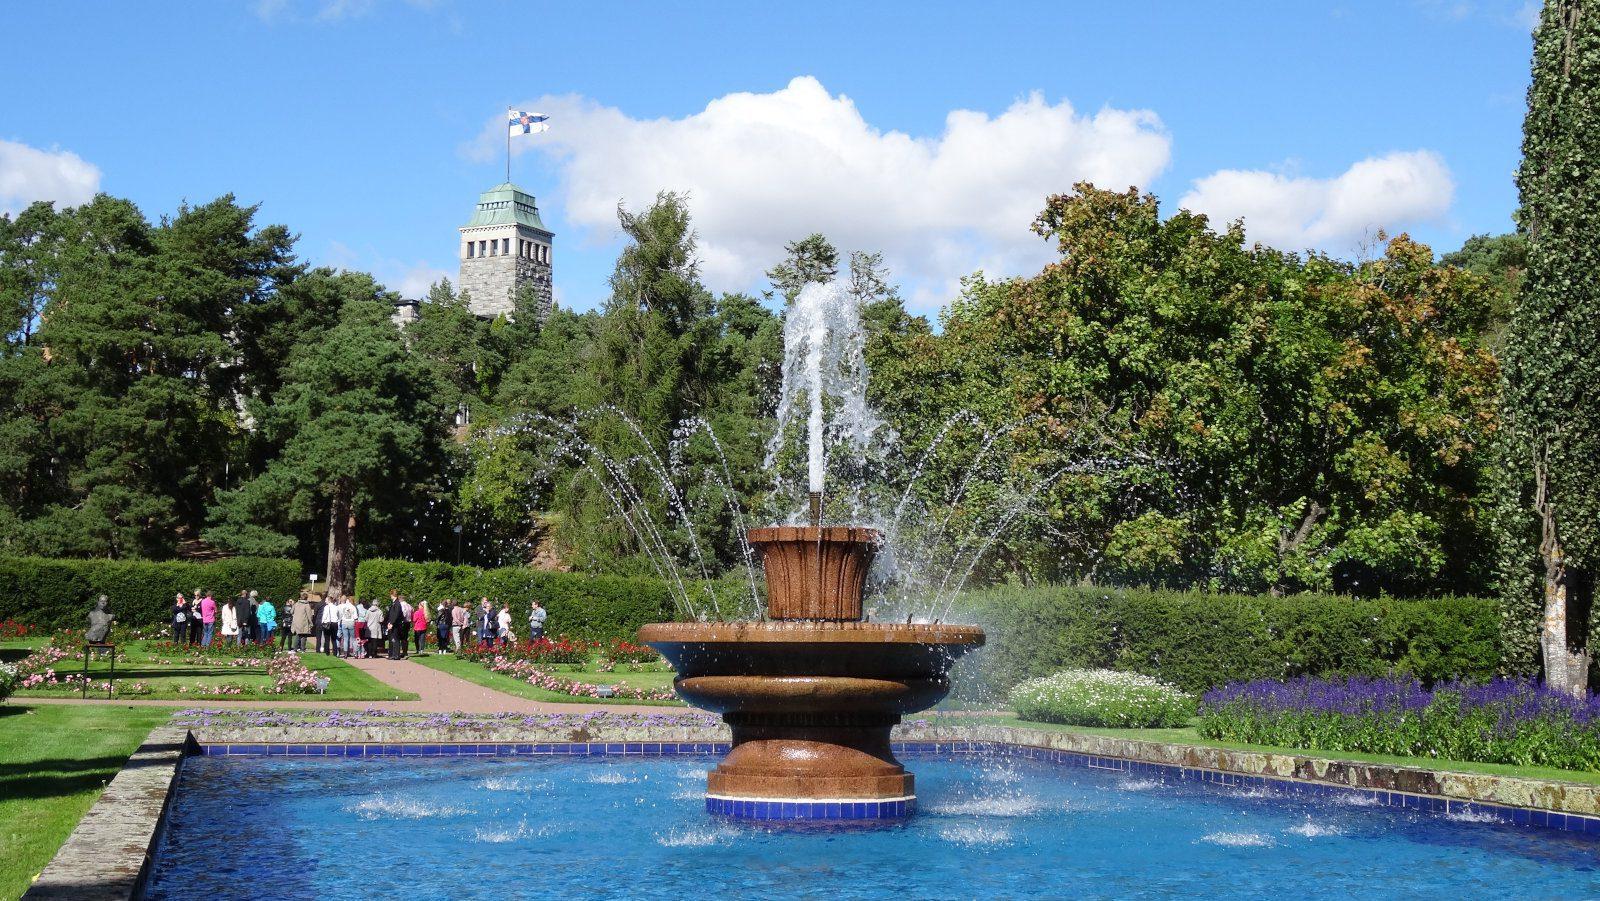 Kultarannan puutarhan iso suihkulähde ja sininen allas, vesi suihkuaa korkealle. Takana Kultarannan kivilinna, jonka tornissa liehuu Suomen lippu.